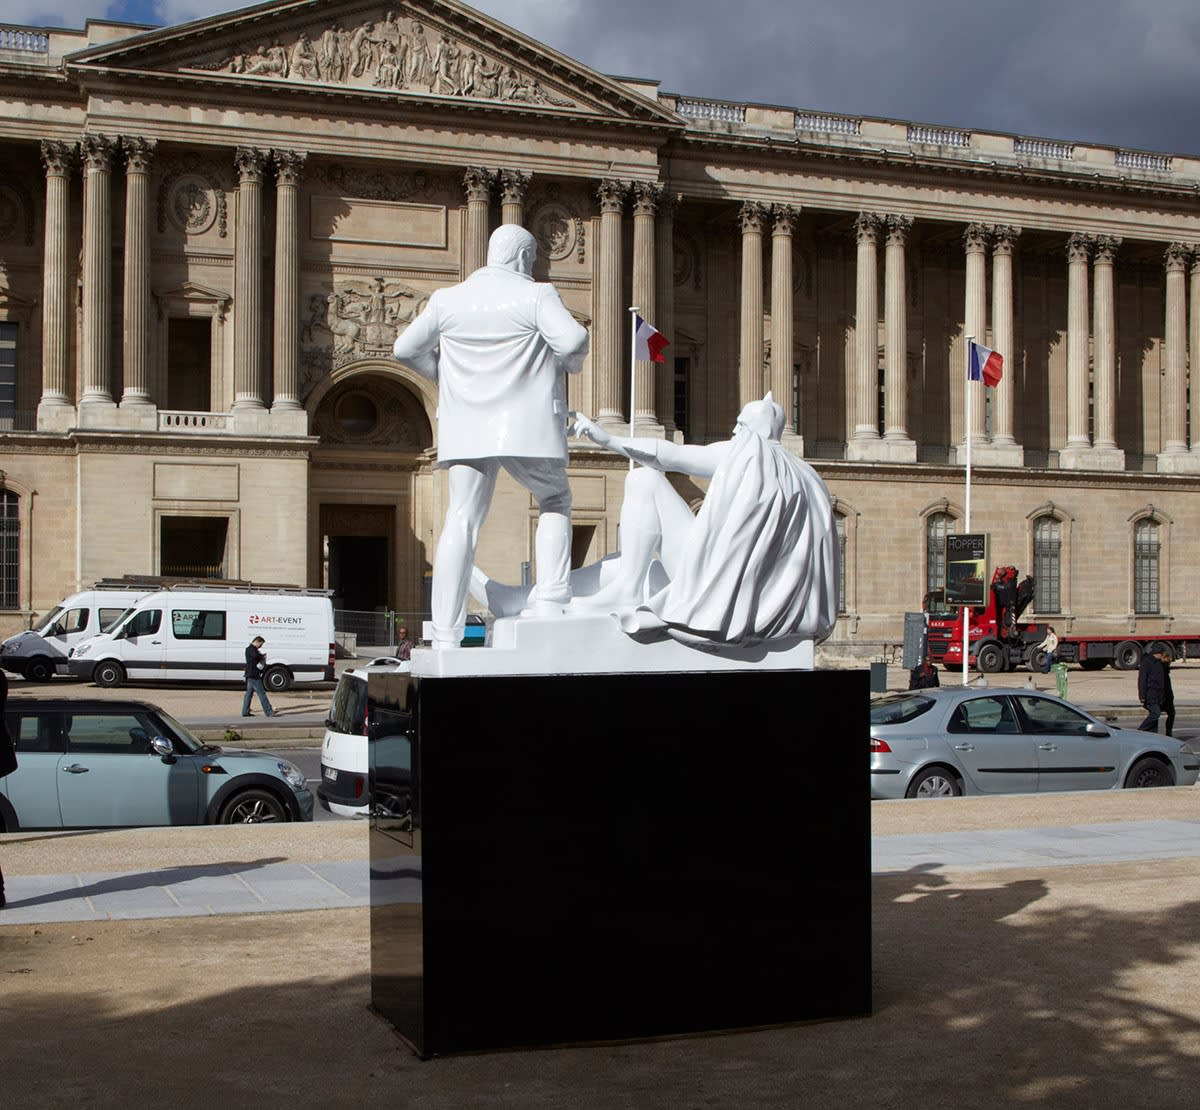 Paris Public Installation next to the Louvre